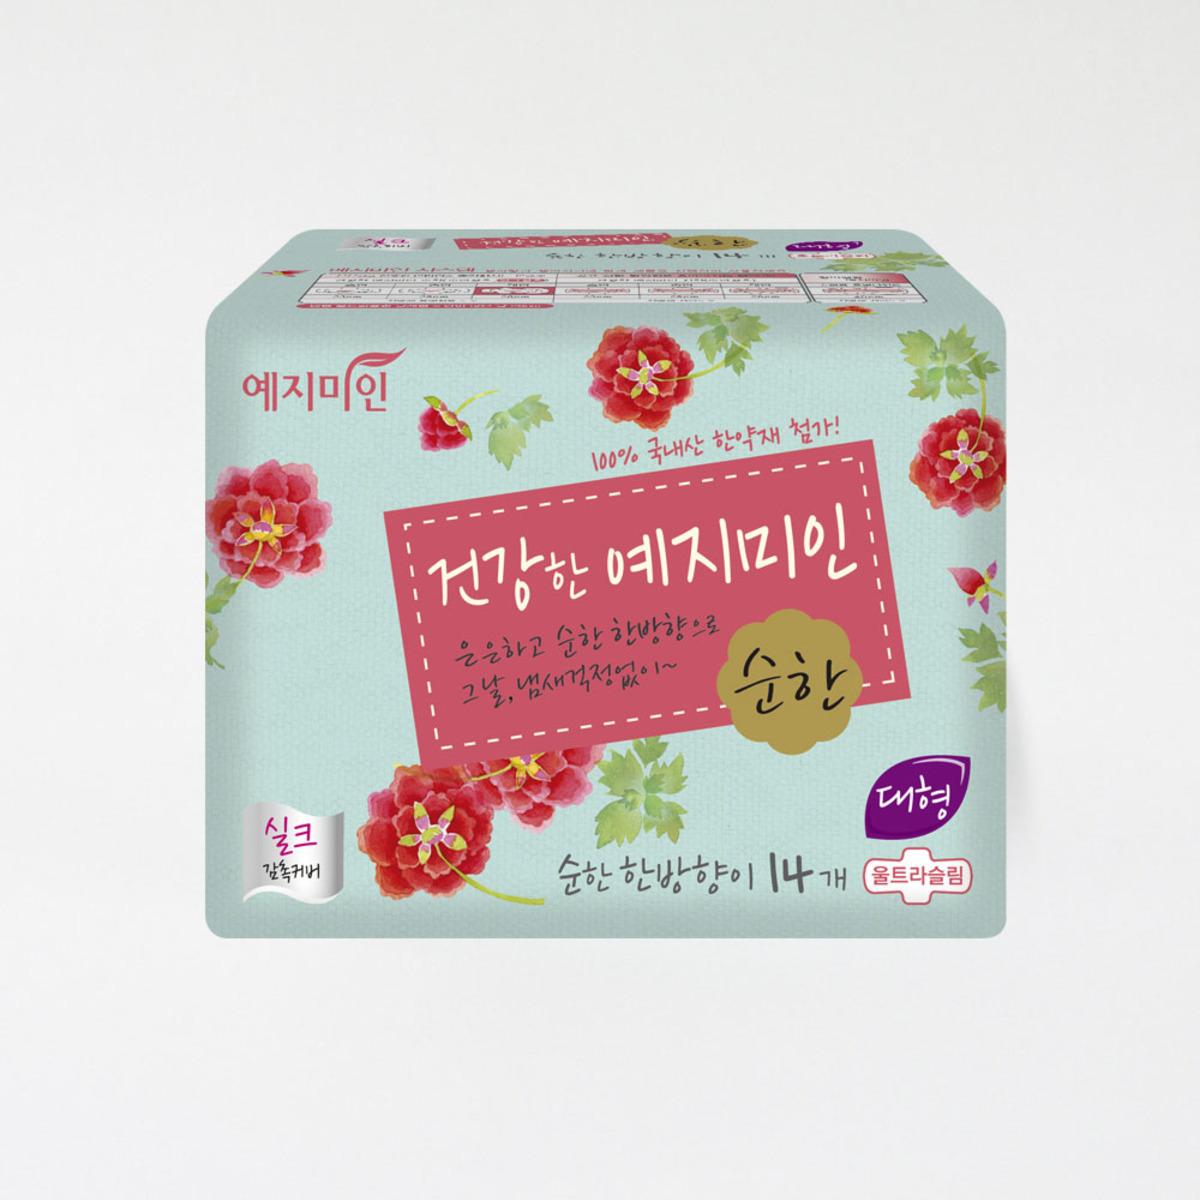 韓國漢方衛生巾 - 絲綢淡香 28CM 14片裝